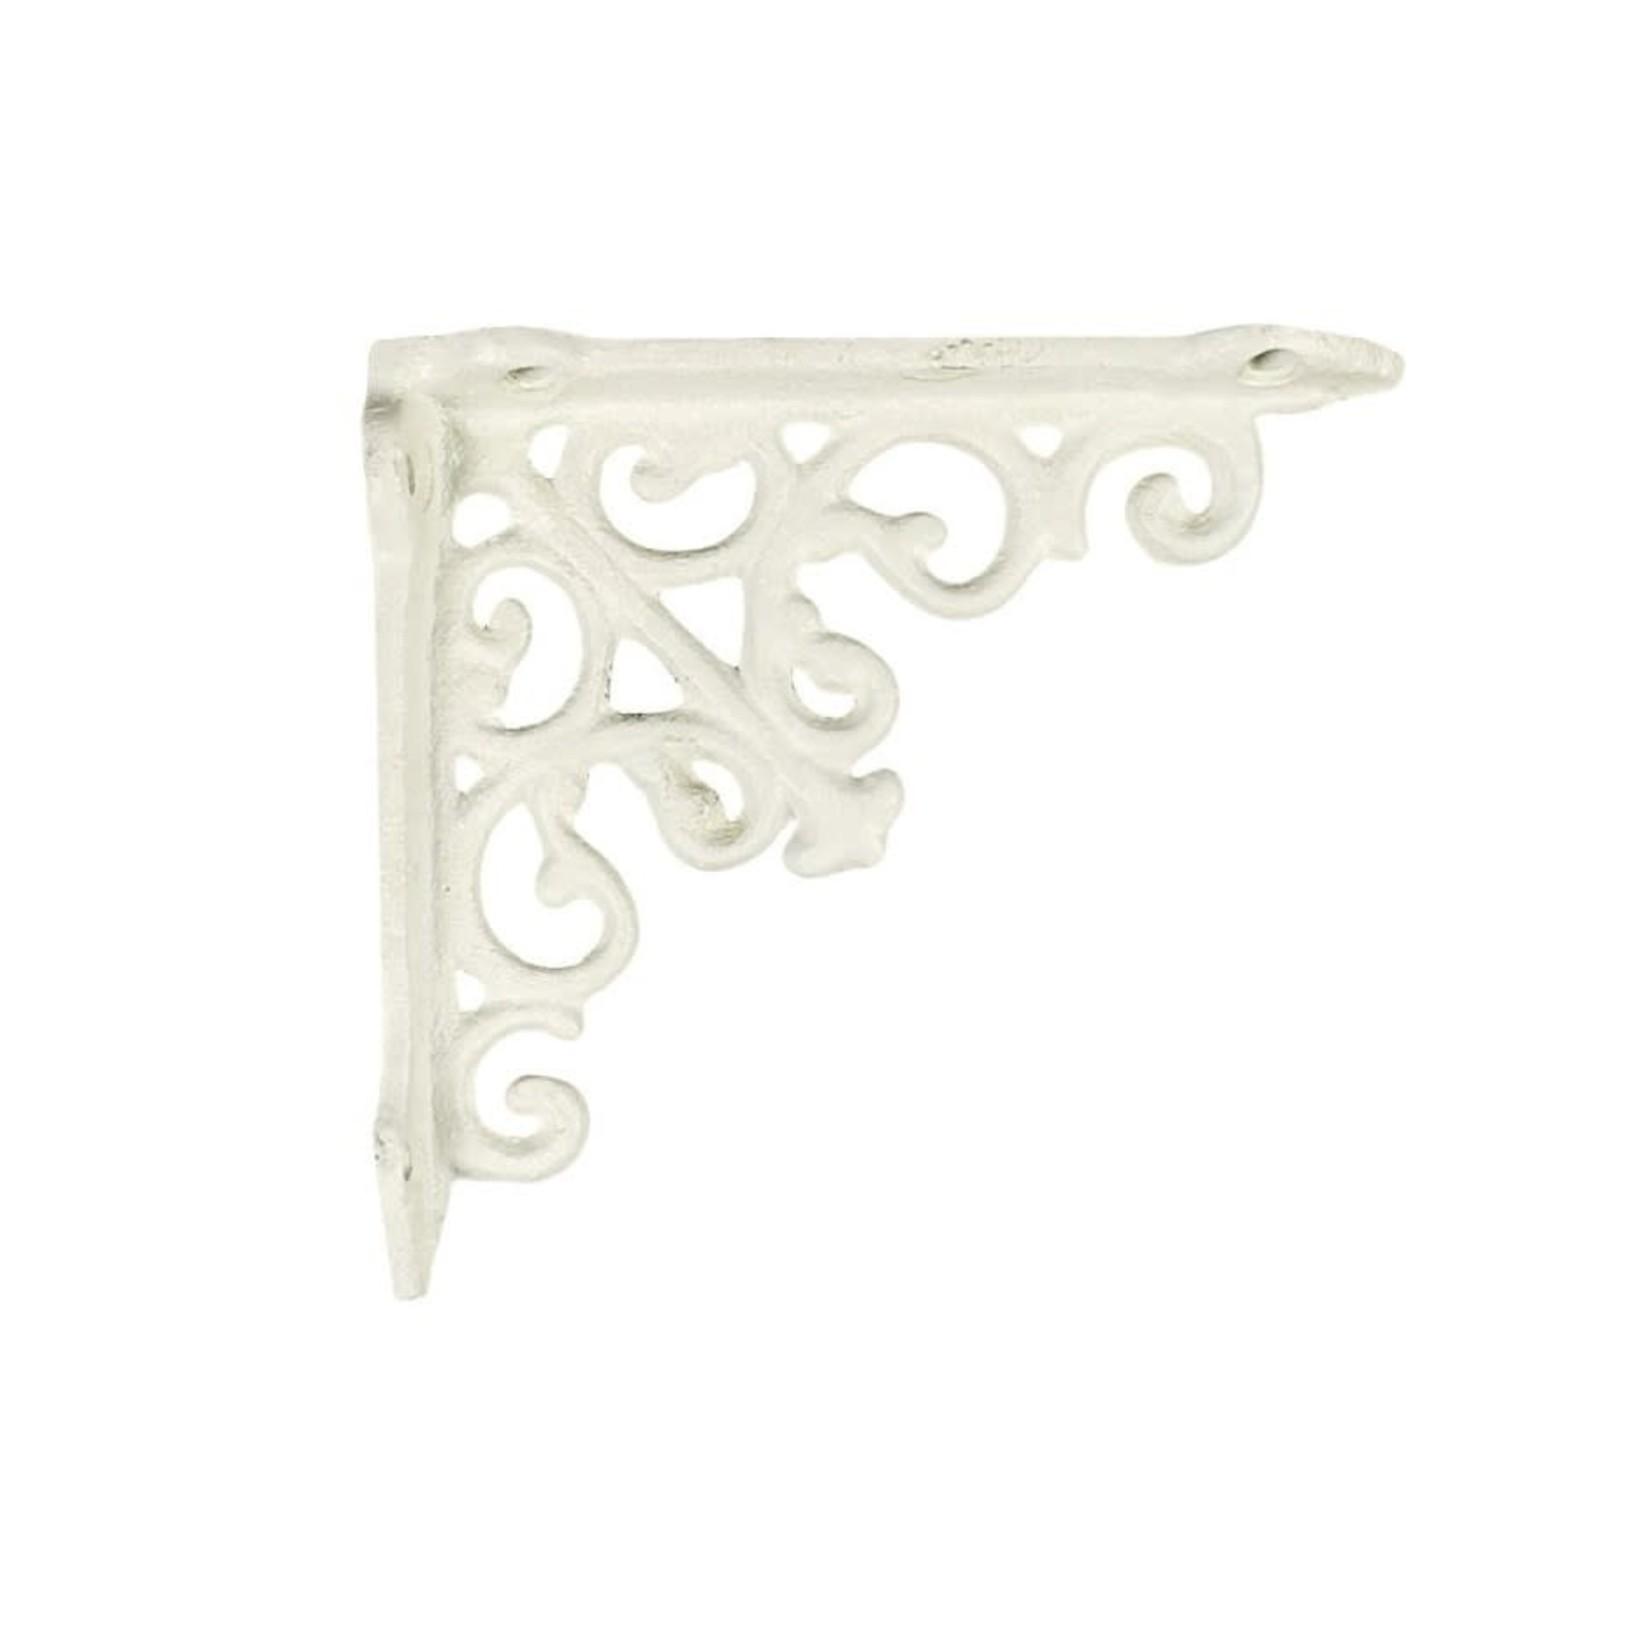 Victoria Shelf Bracket - Small White